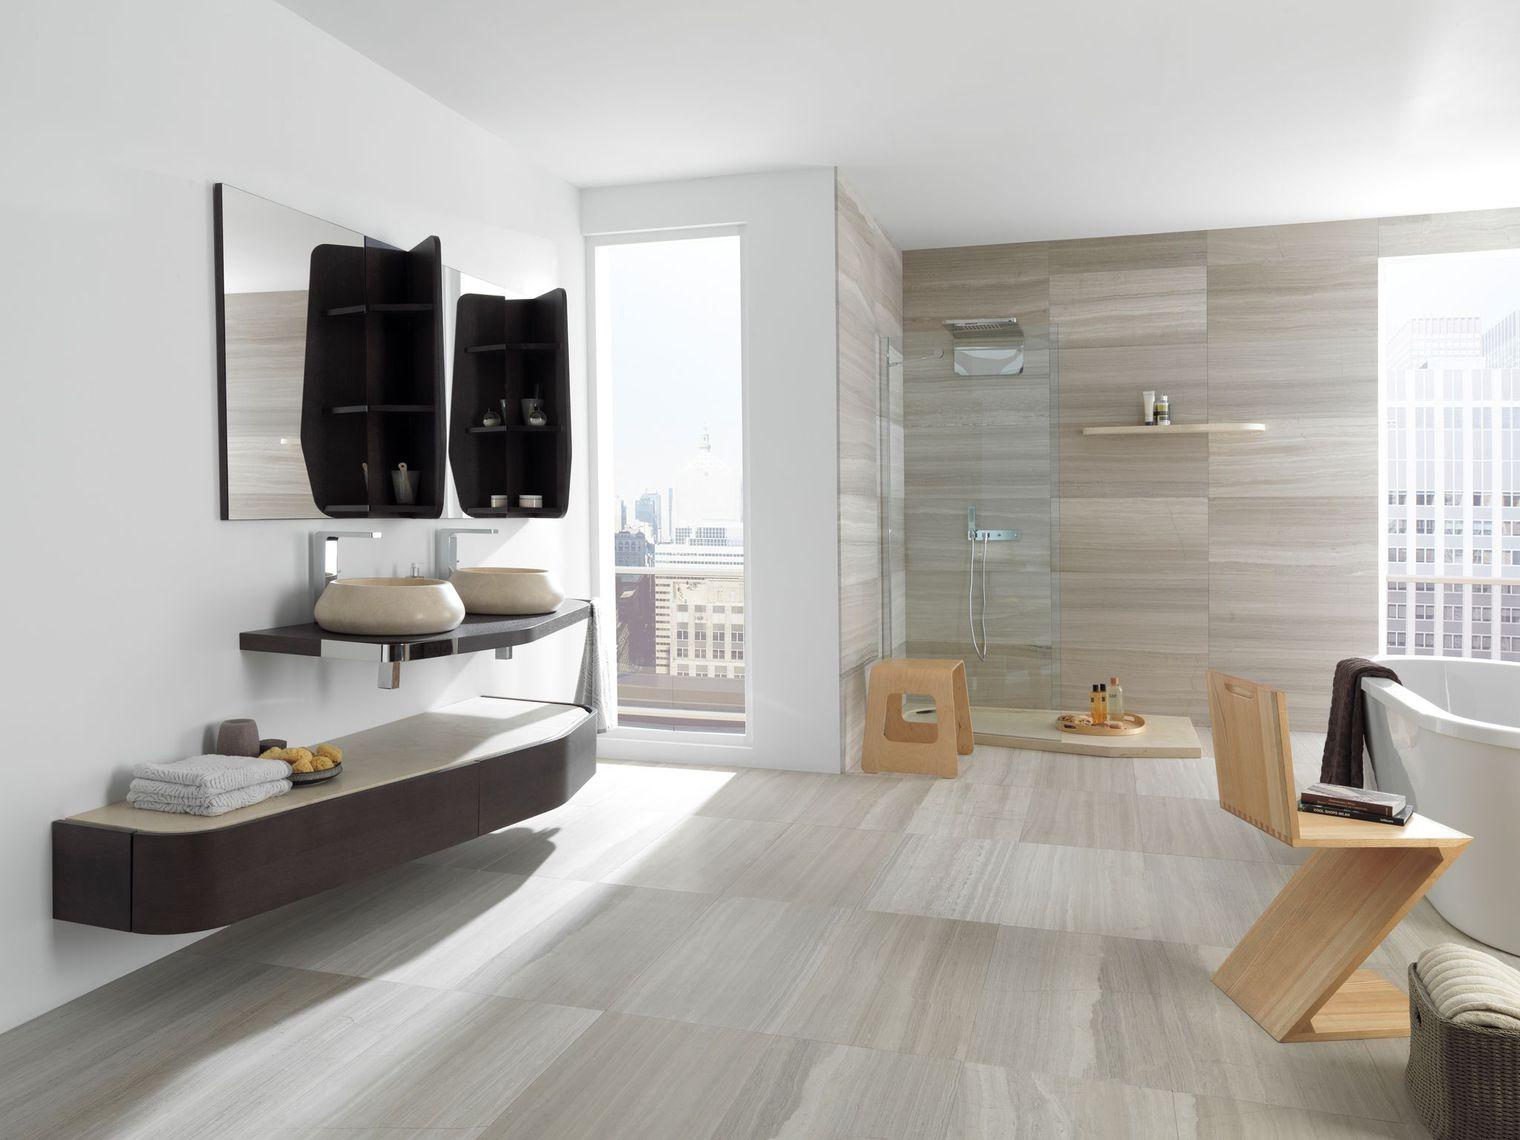 une-salle-de-bains-en-marbre-porcelanosa_5467238